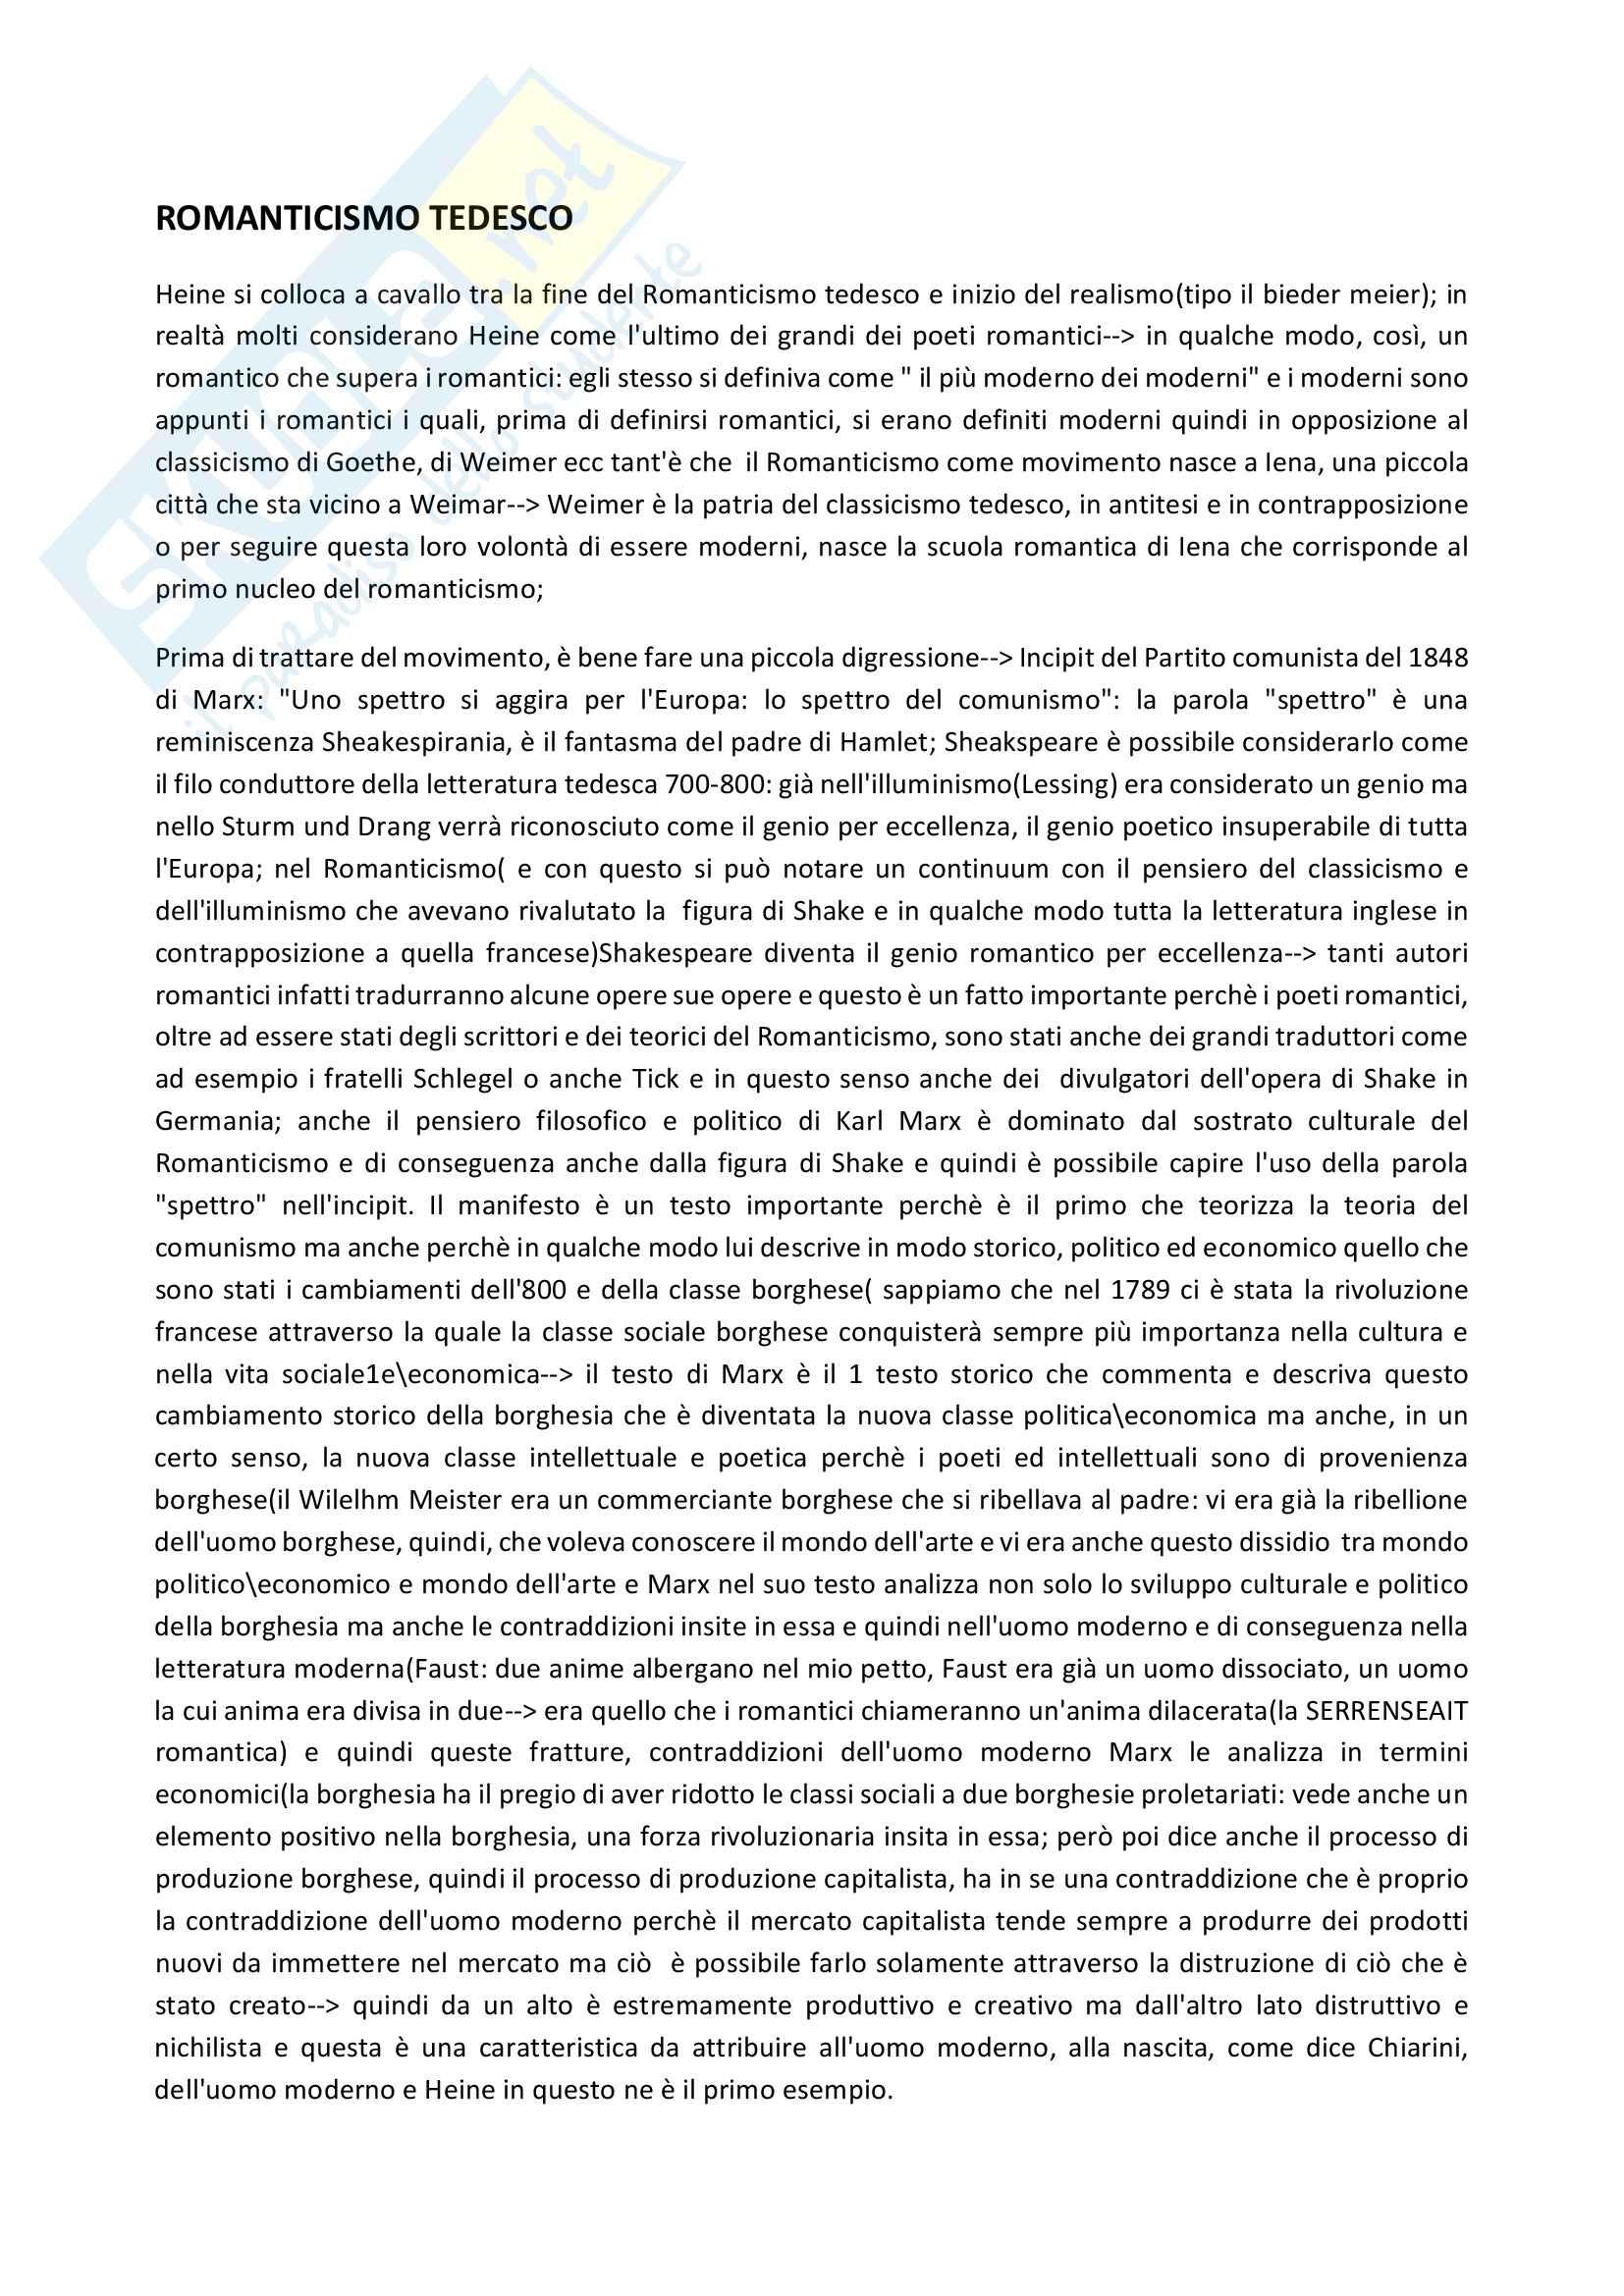 Appunti su Heine - Romanticismo